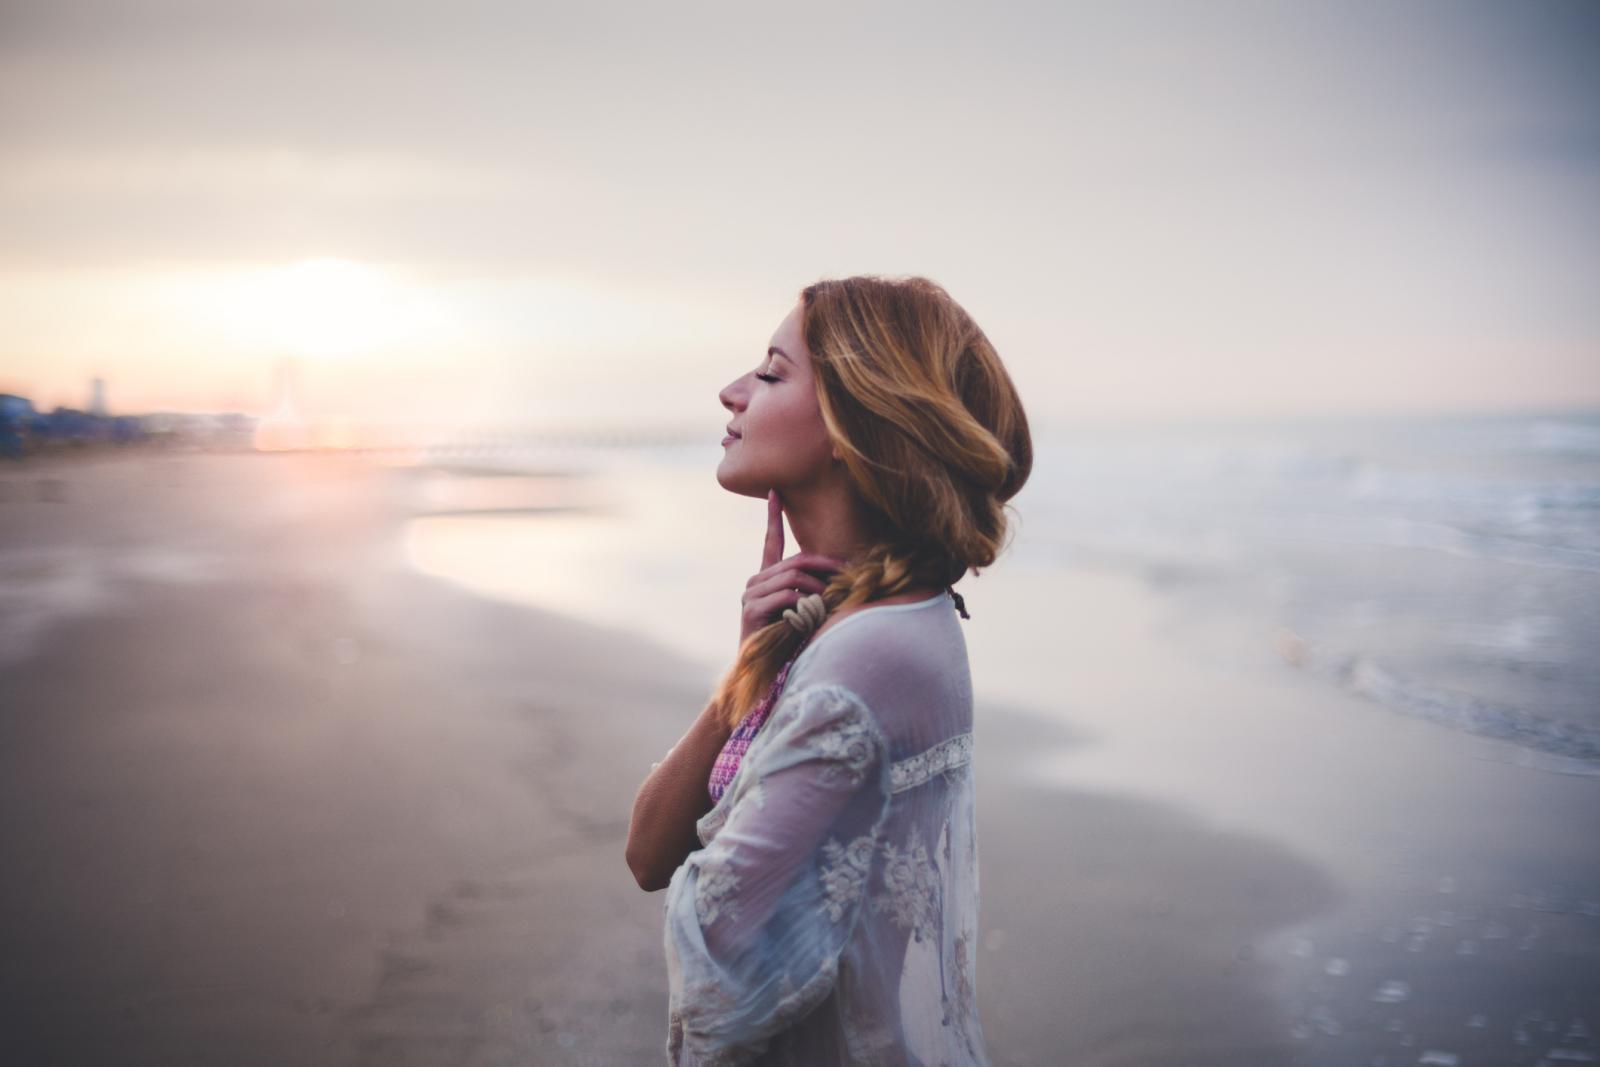 Disanje u stresnim situacuijama treba osvijestiti i usporiti, razmišljati da dolazi iz trbuha, a ne iz pluća.